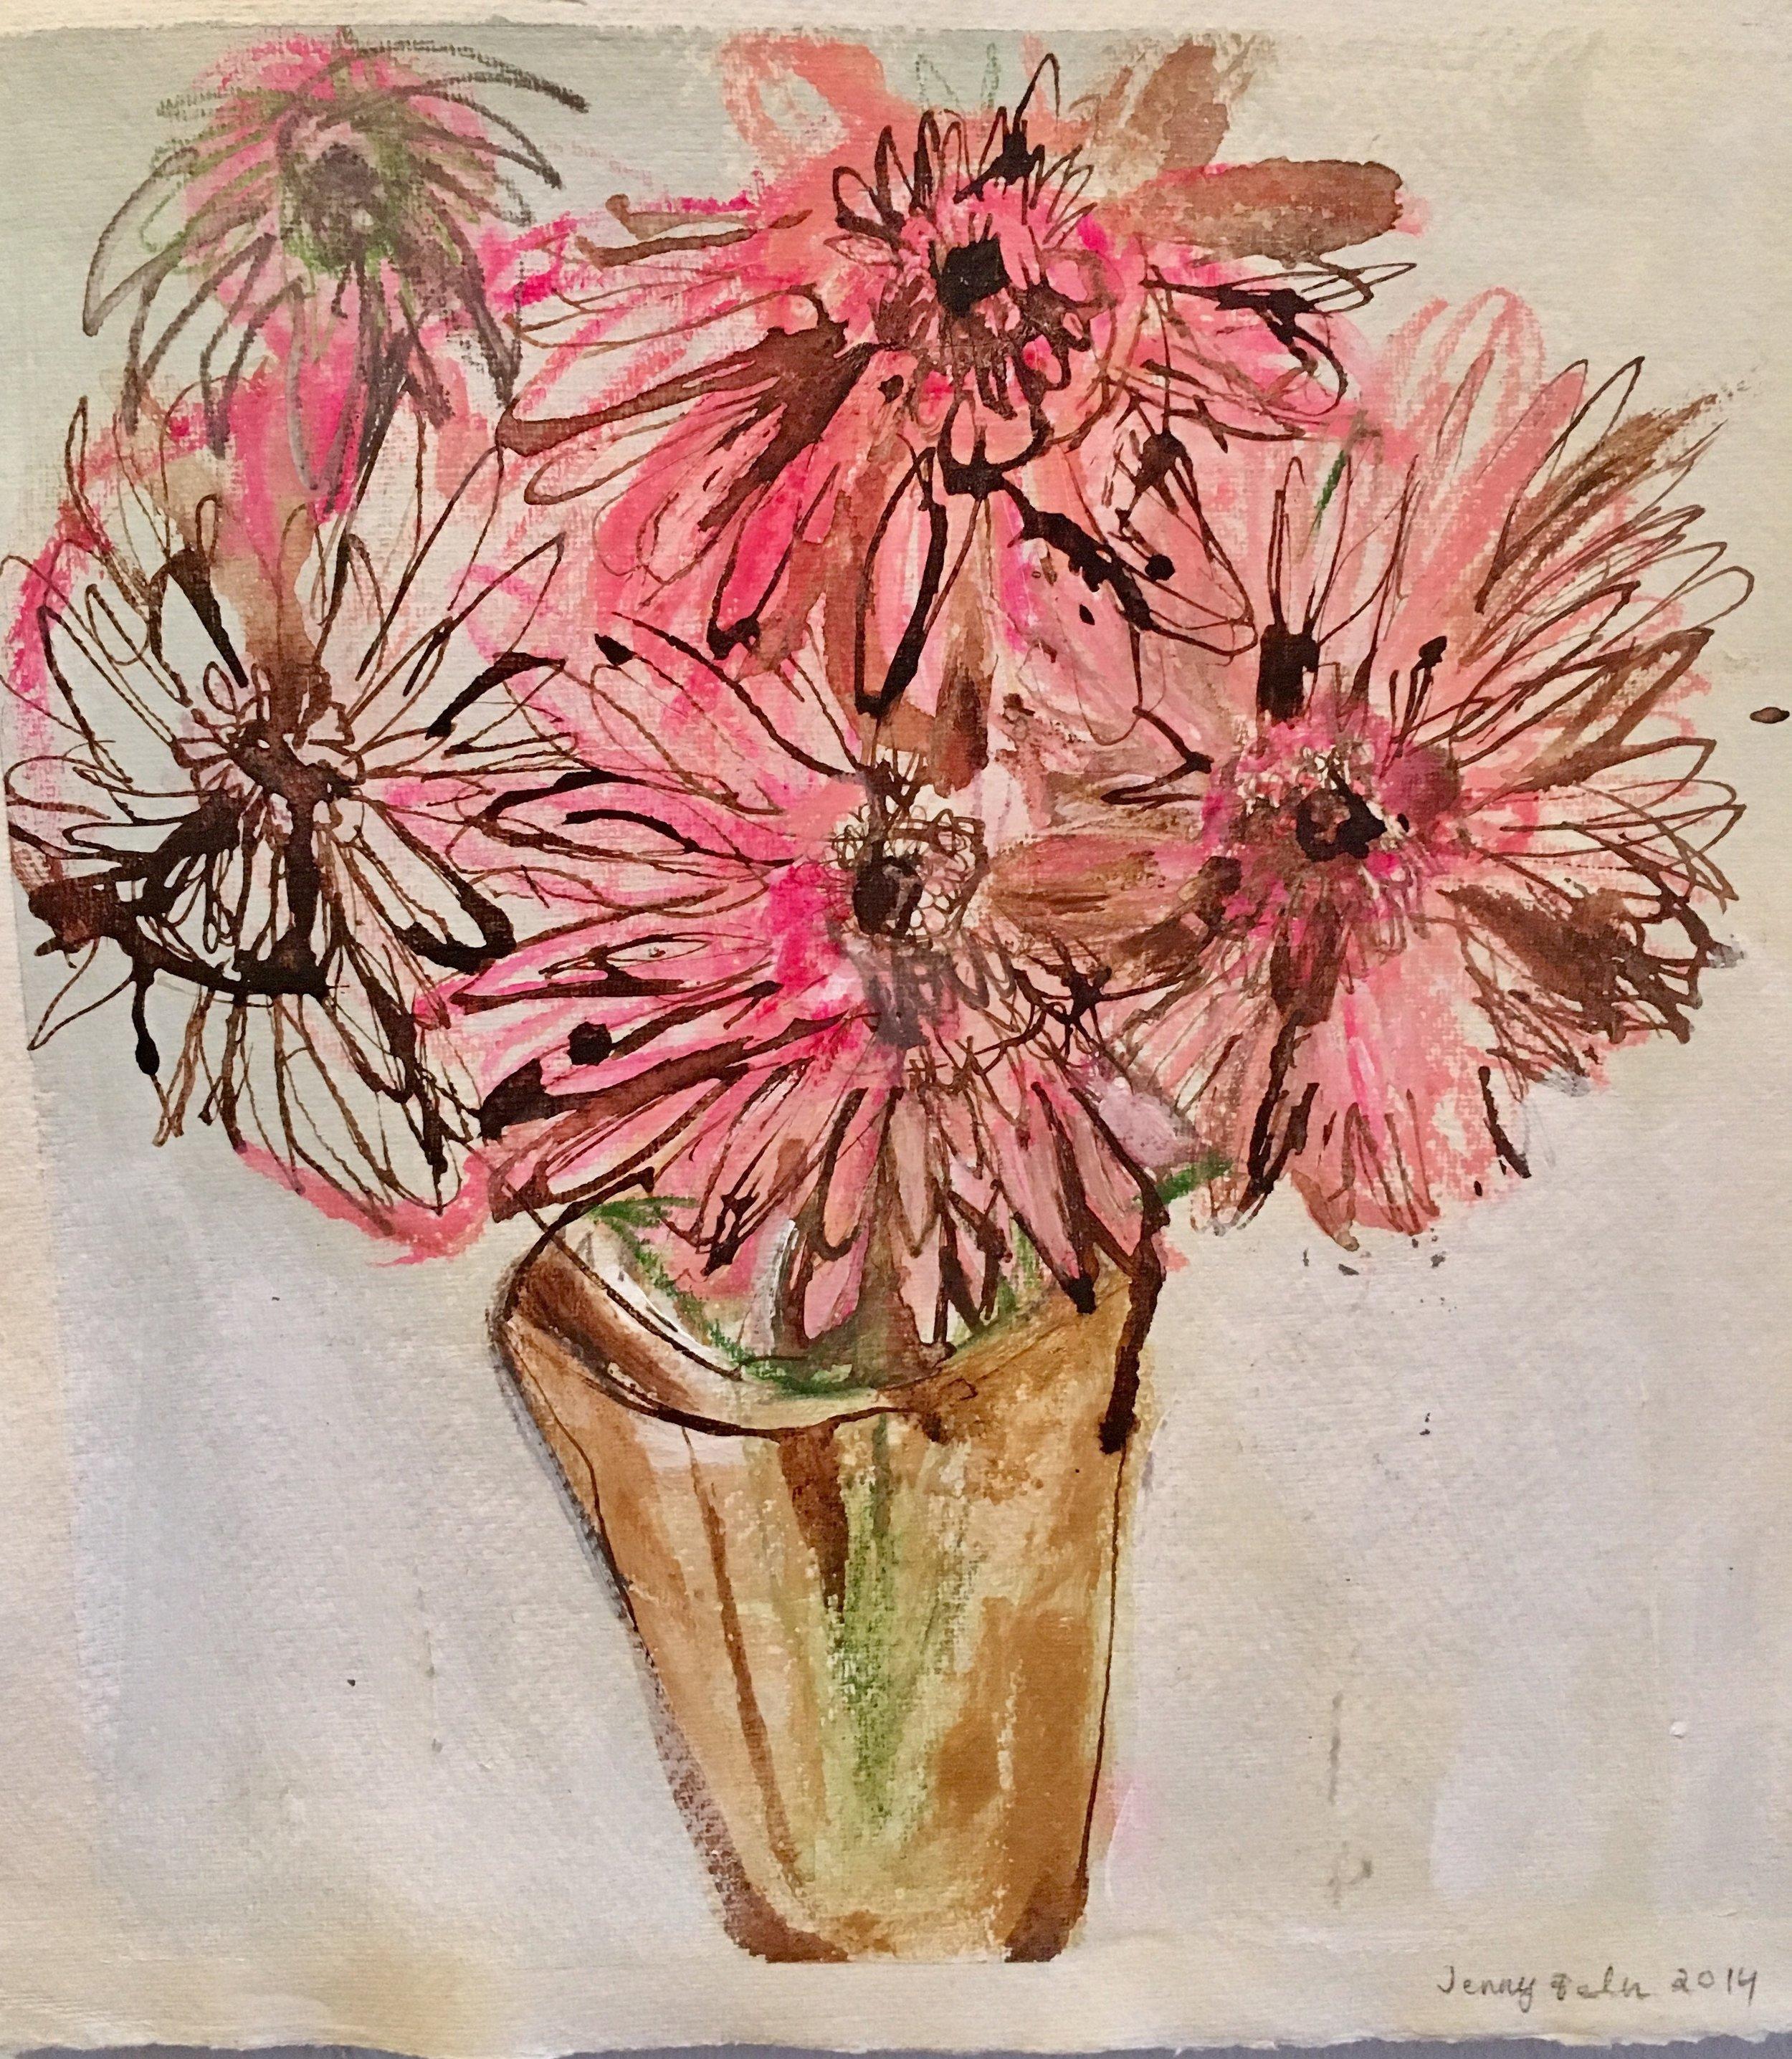 Jenny Belin_Shocking Fleurs.JPG